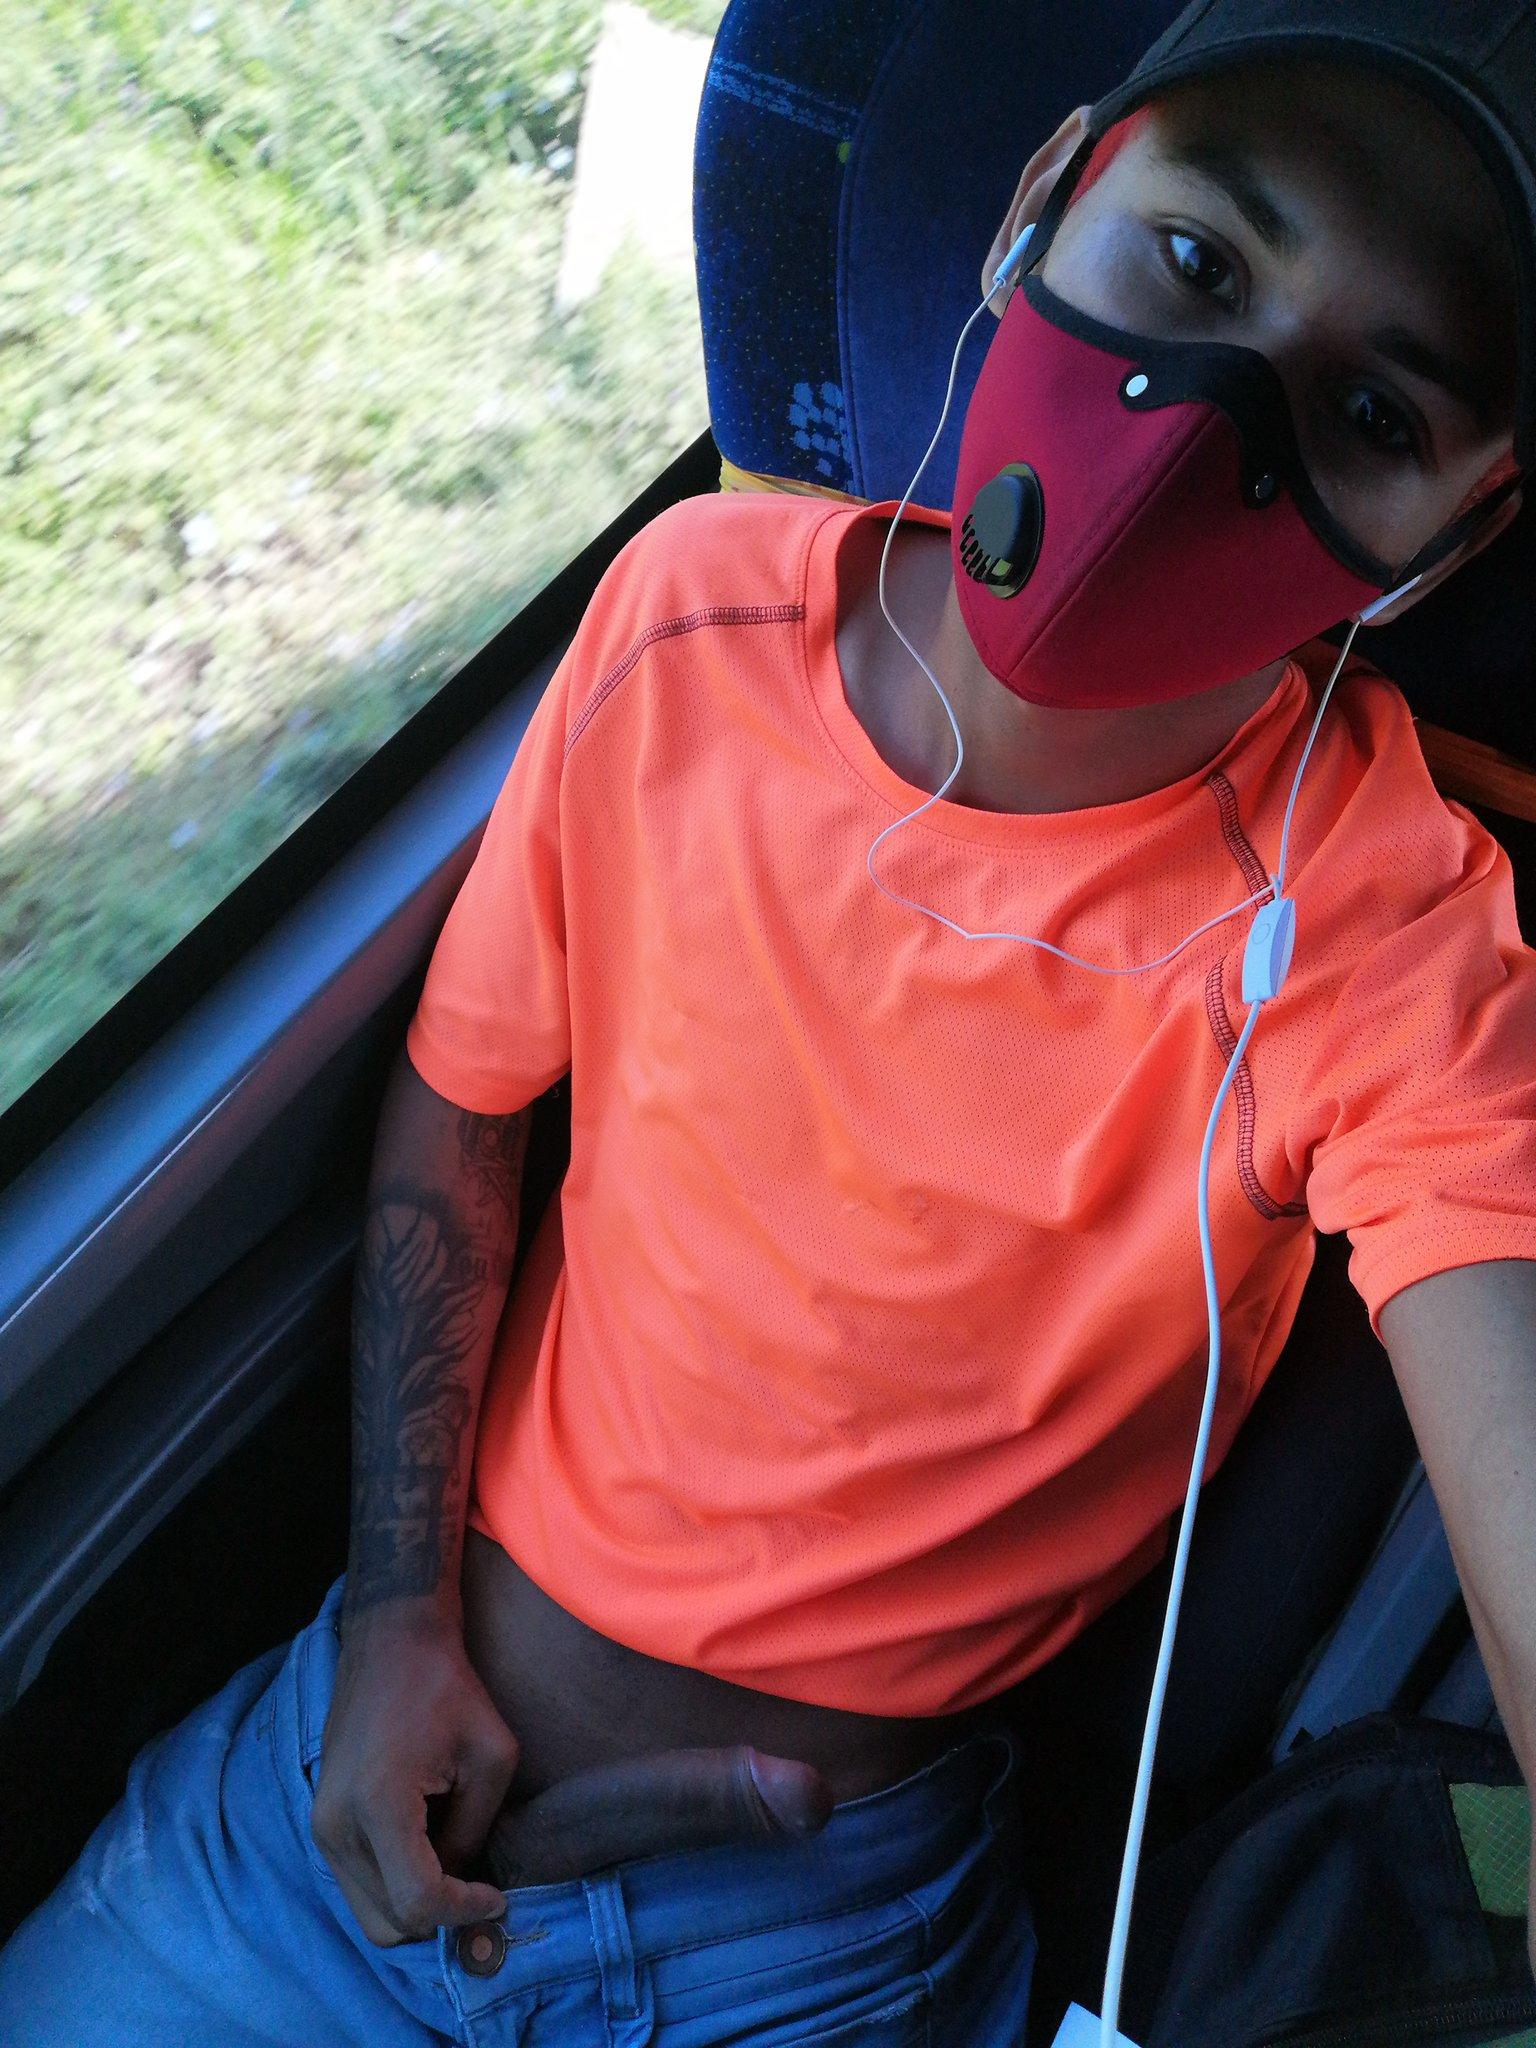 colombiano masturbándose en bus